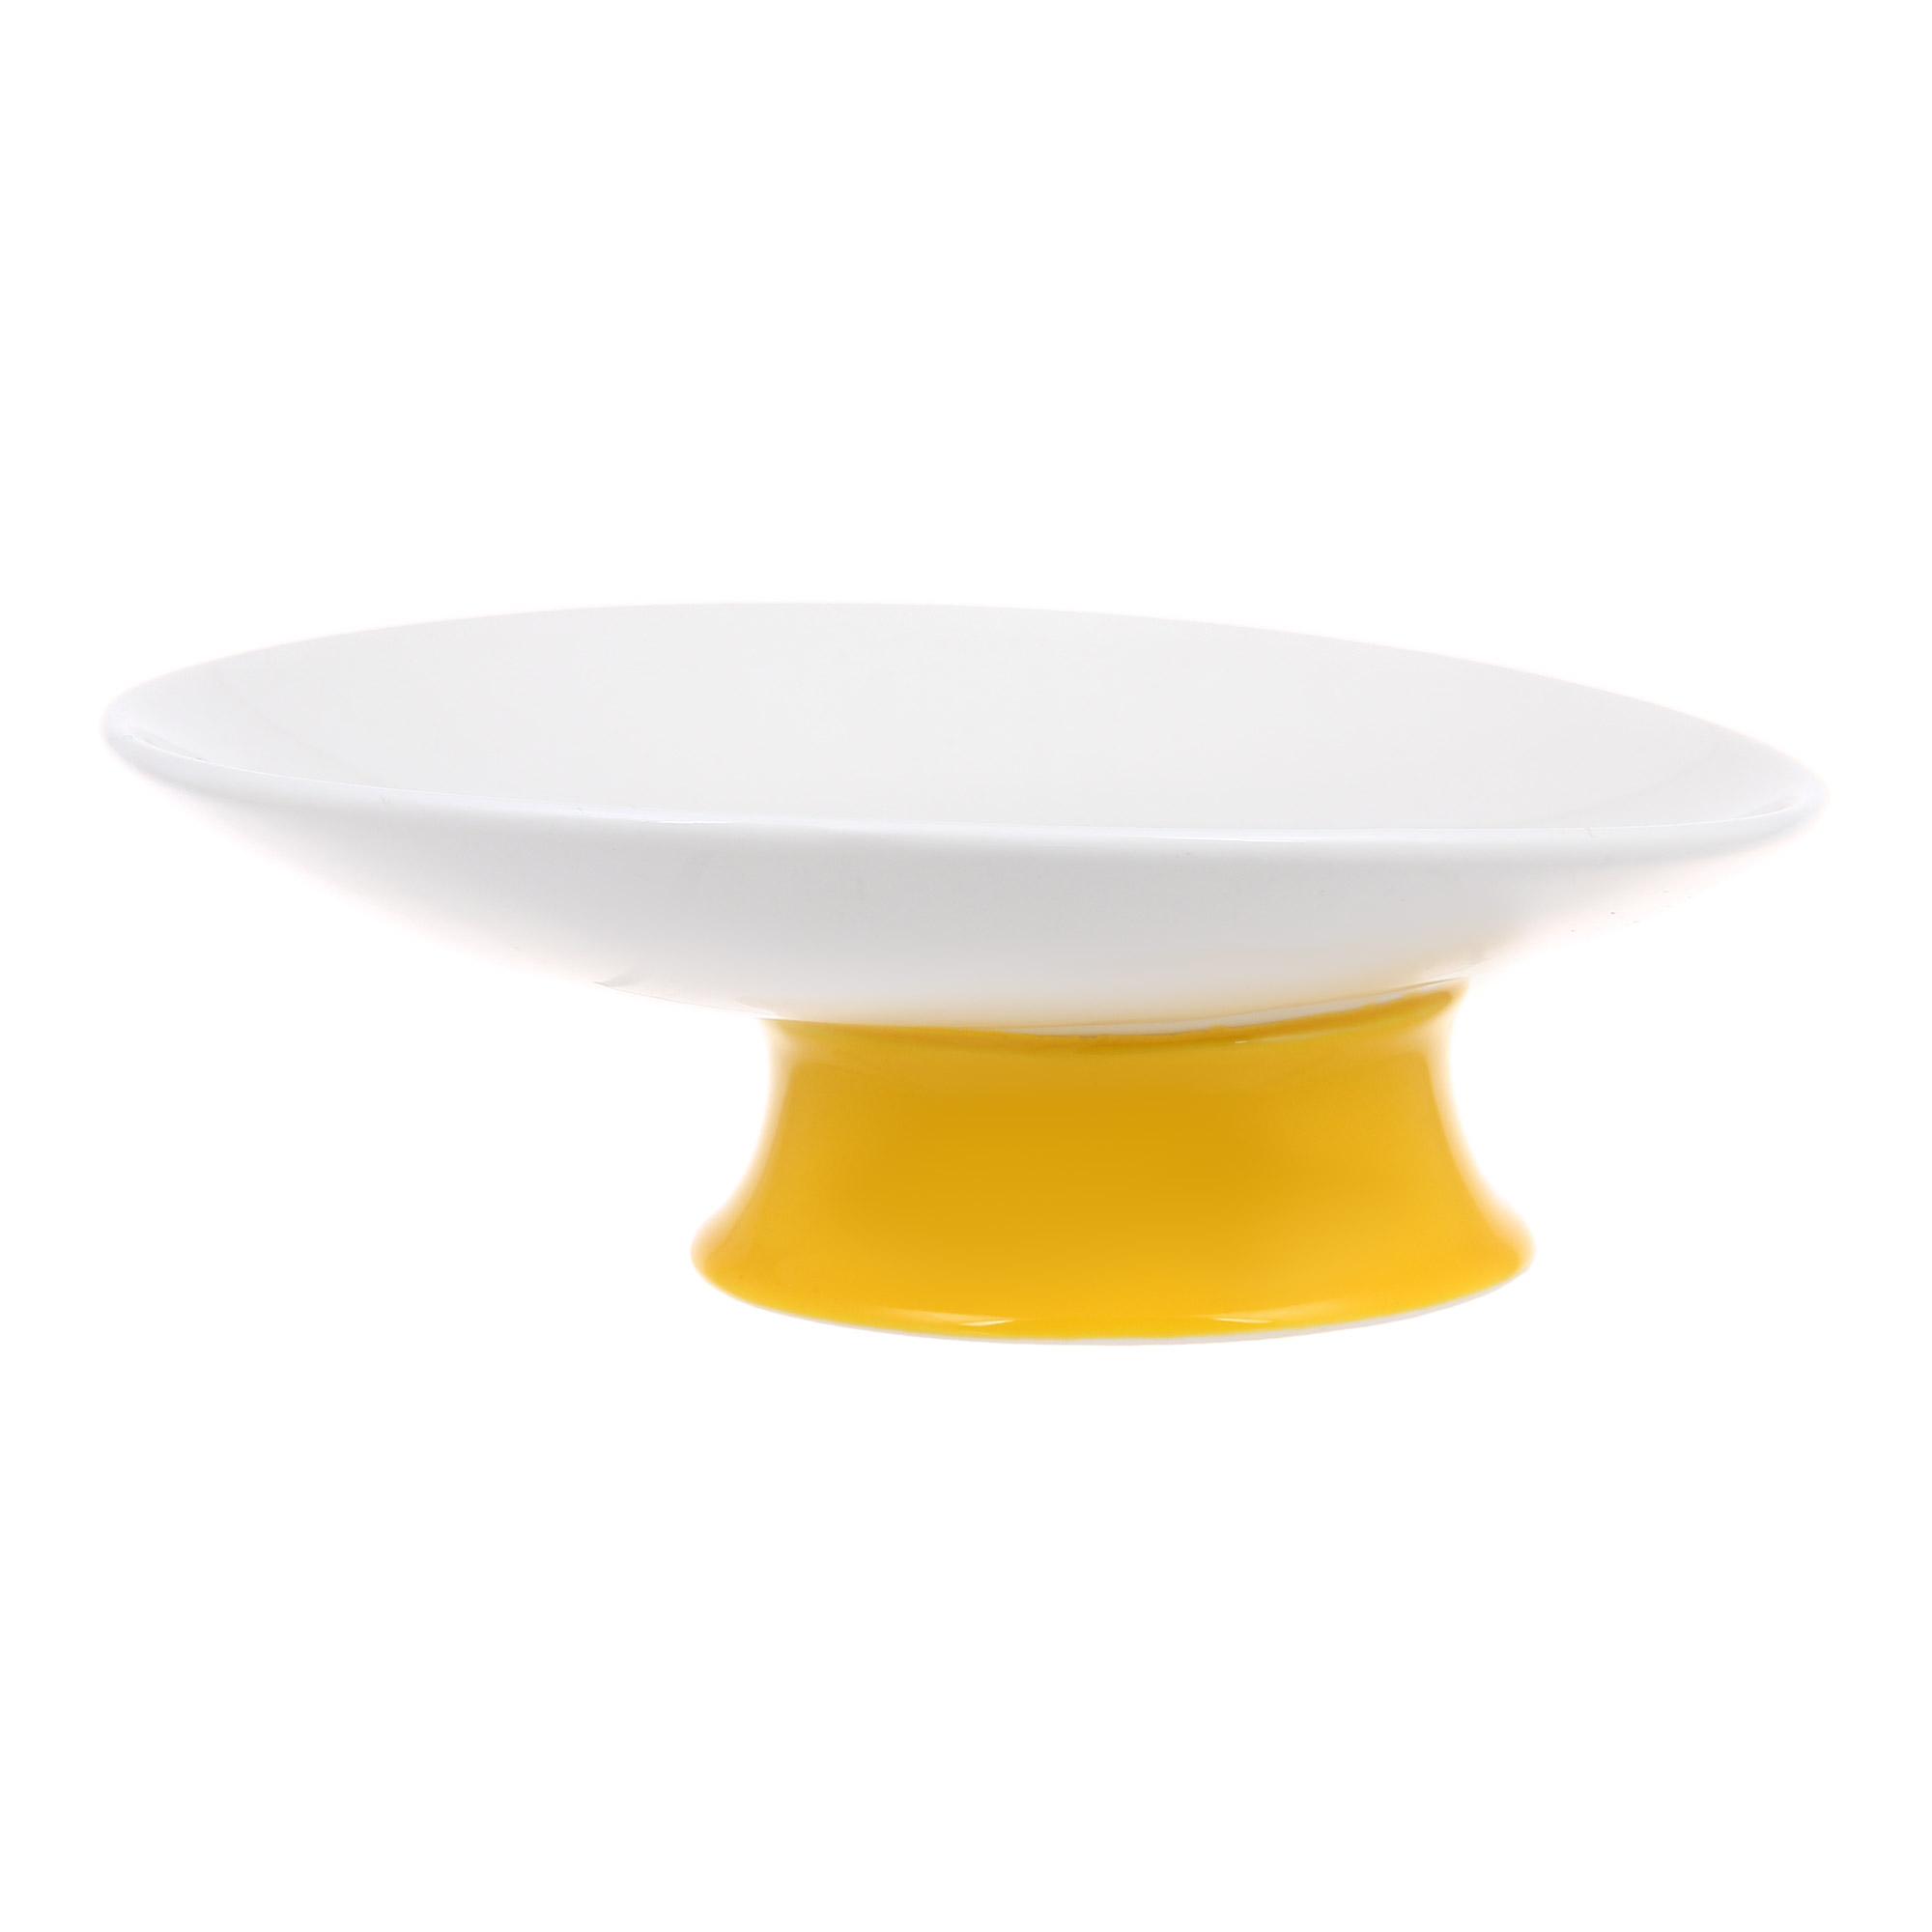 Блюдо на ножке 15см основание желтое Deagourmet